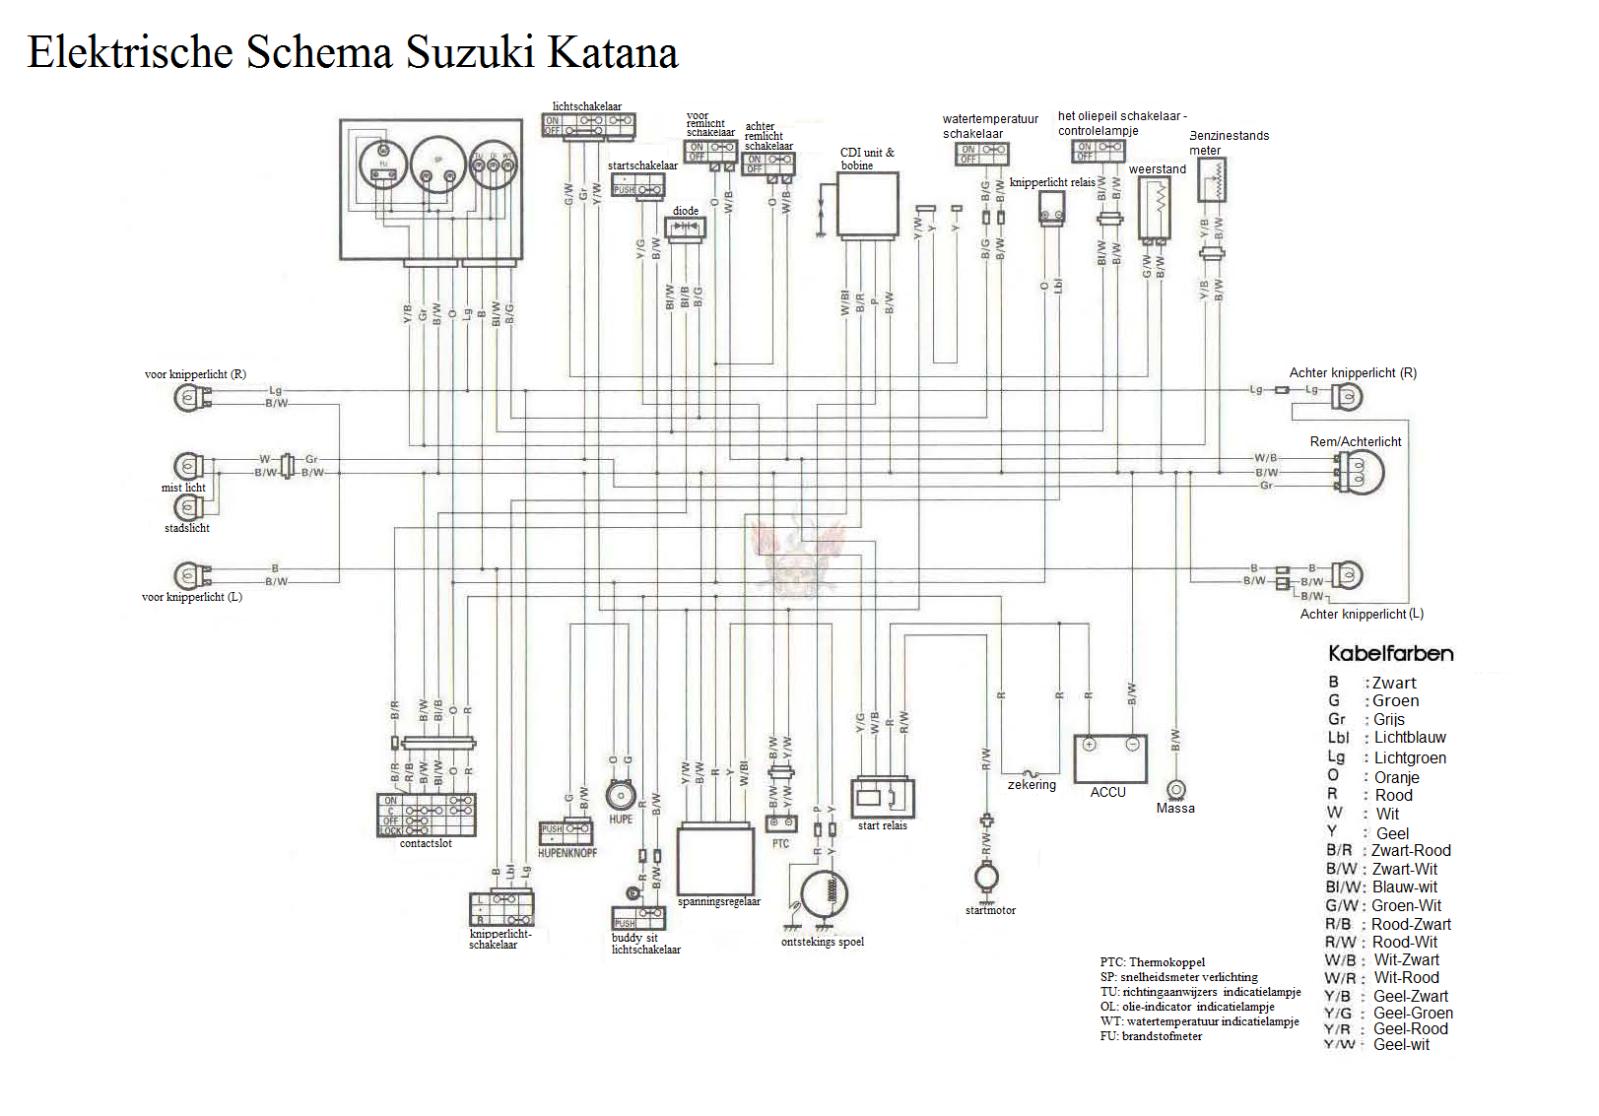 elektrisch_schema_suzuki_katana.png